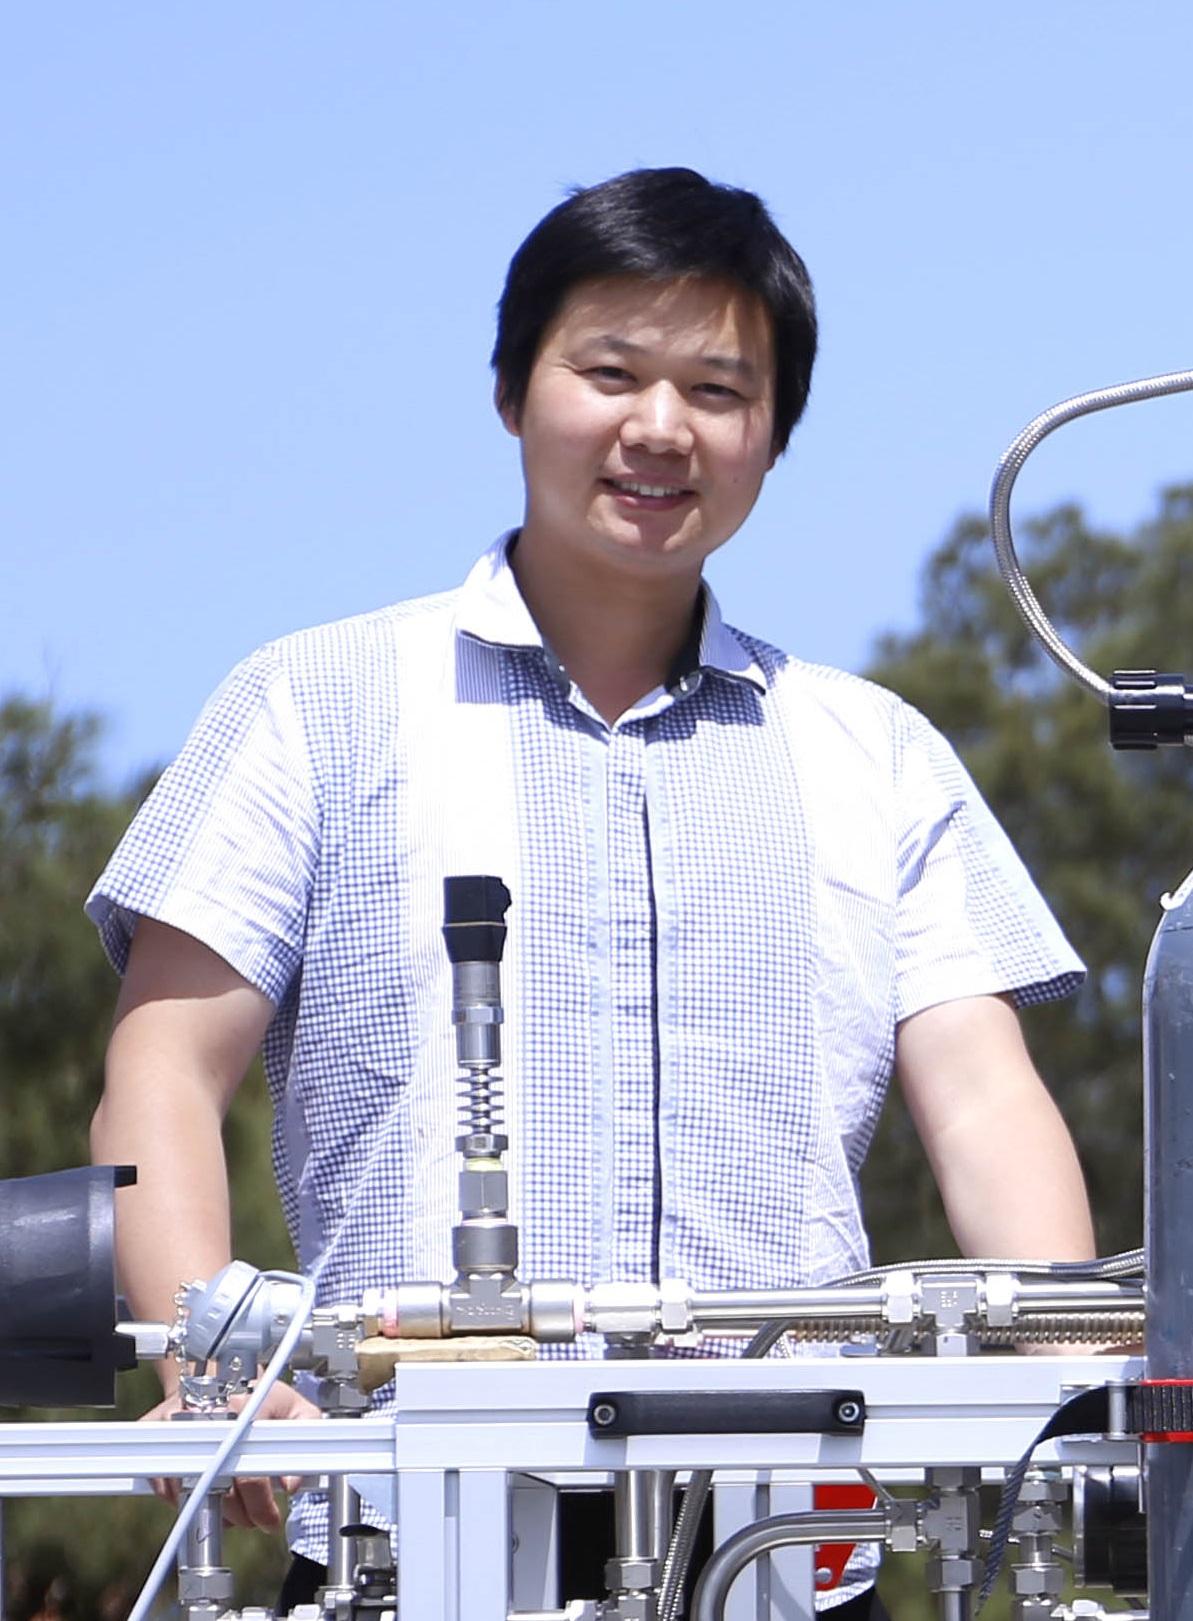 Mr Qiyuan   Li